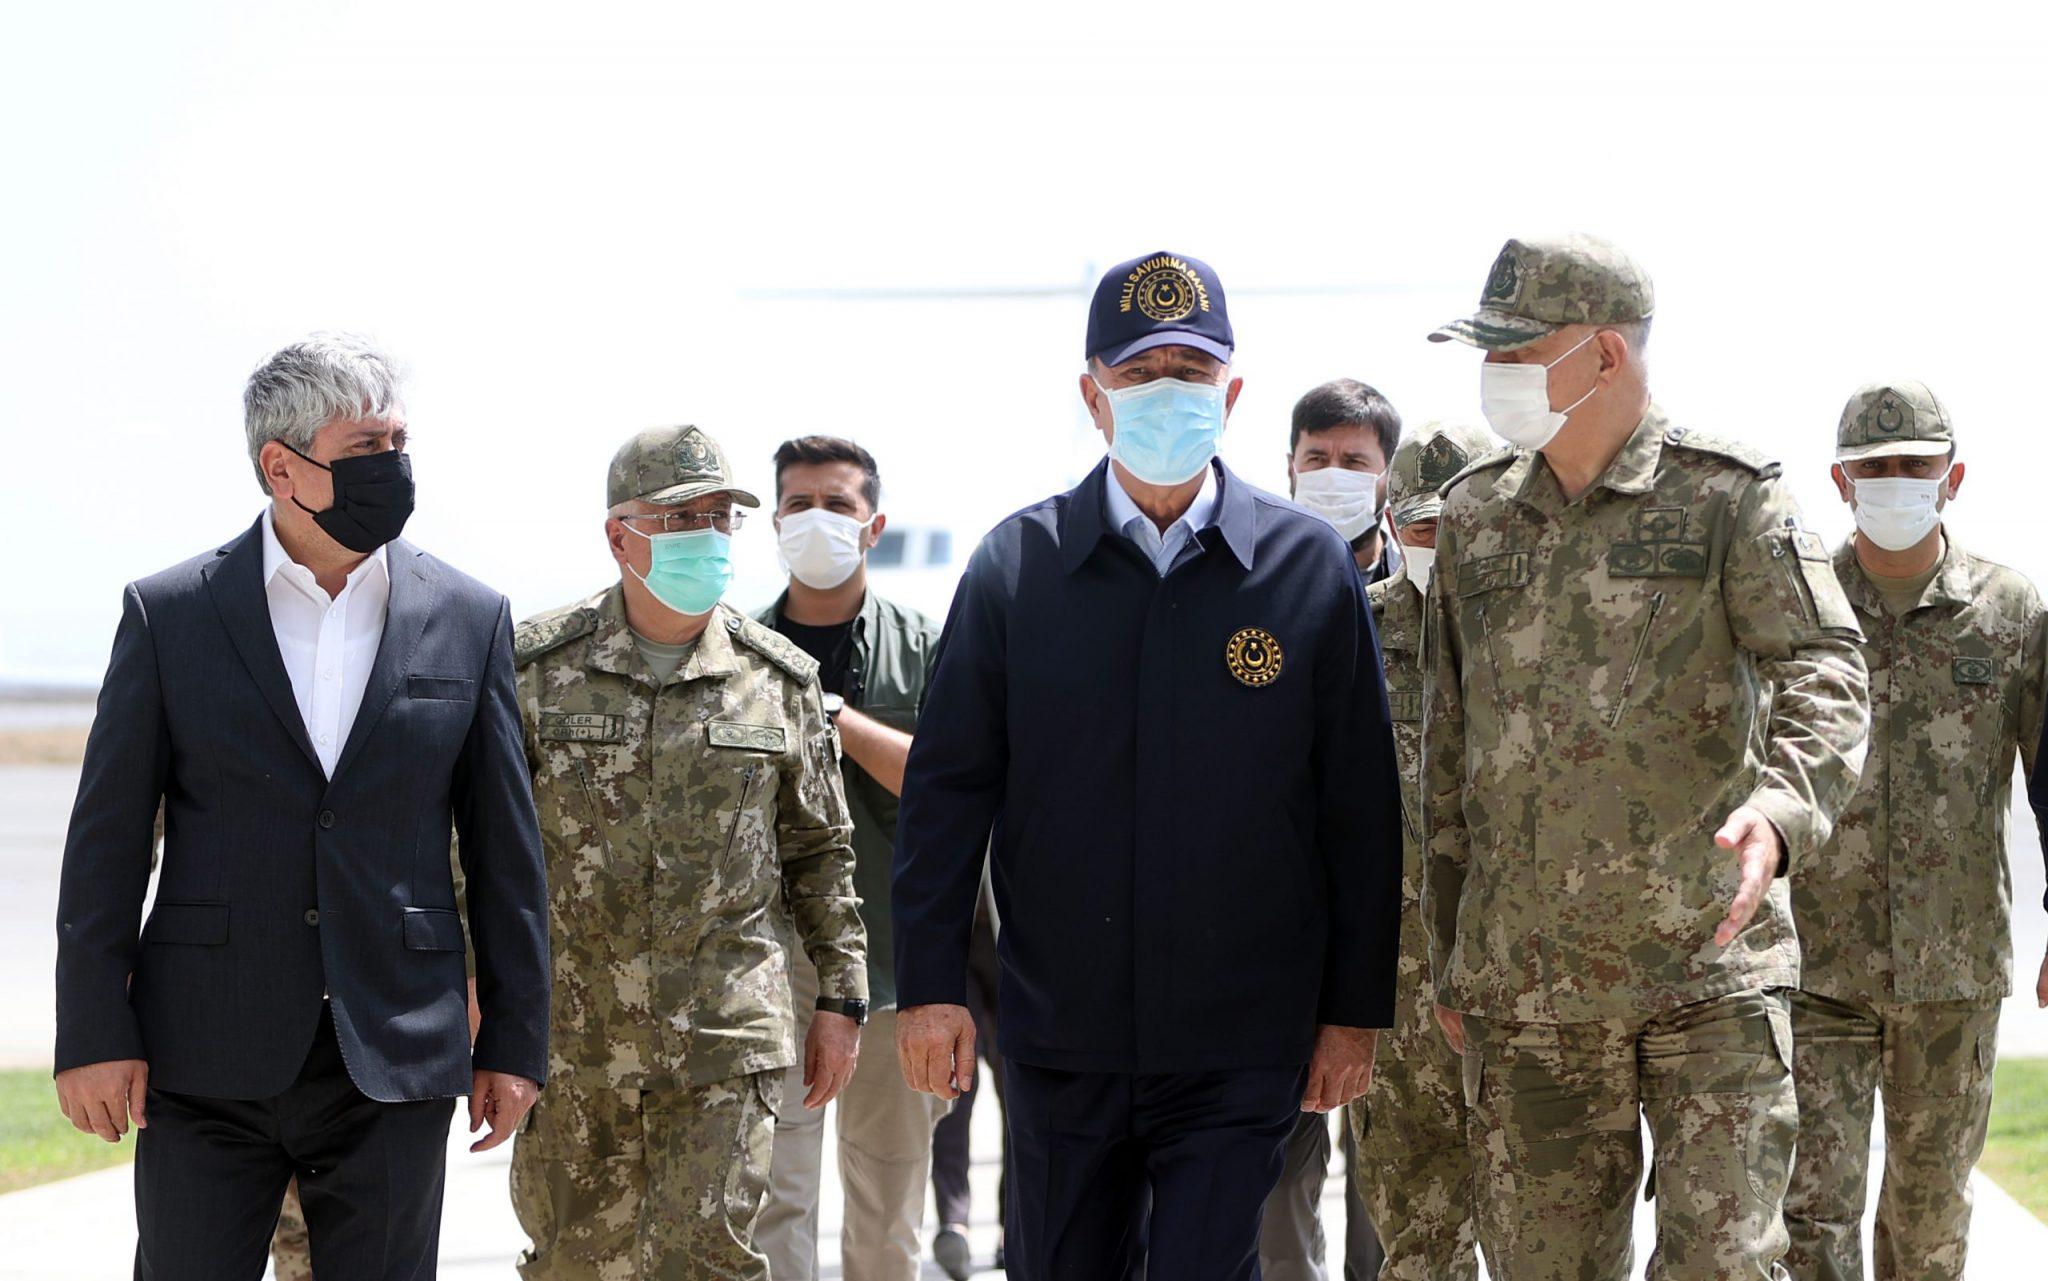 بعد استهداف قواتهم وزير الدفاع وقادة الجيش يصلون إلى غرفة عمـ.ـليات هاتاي درع الربيع (صور)